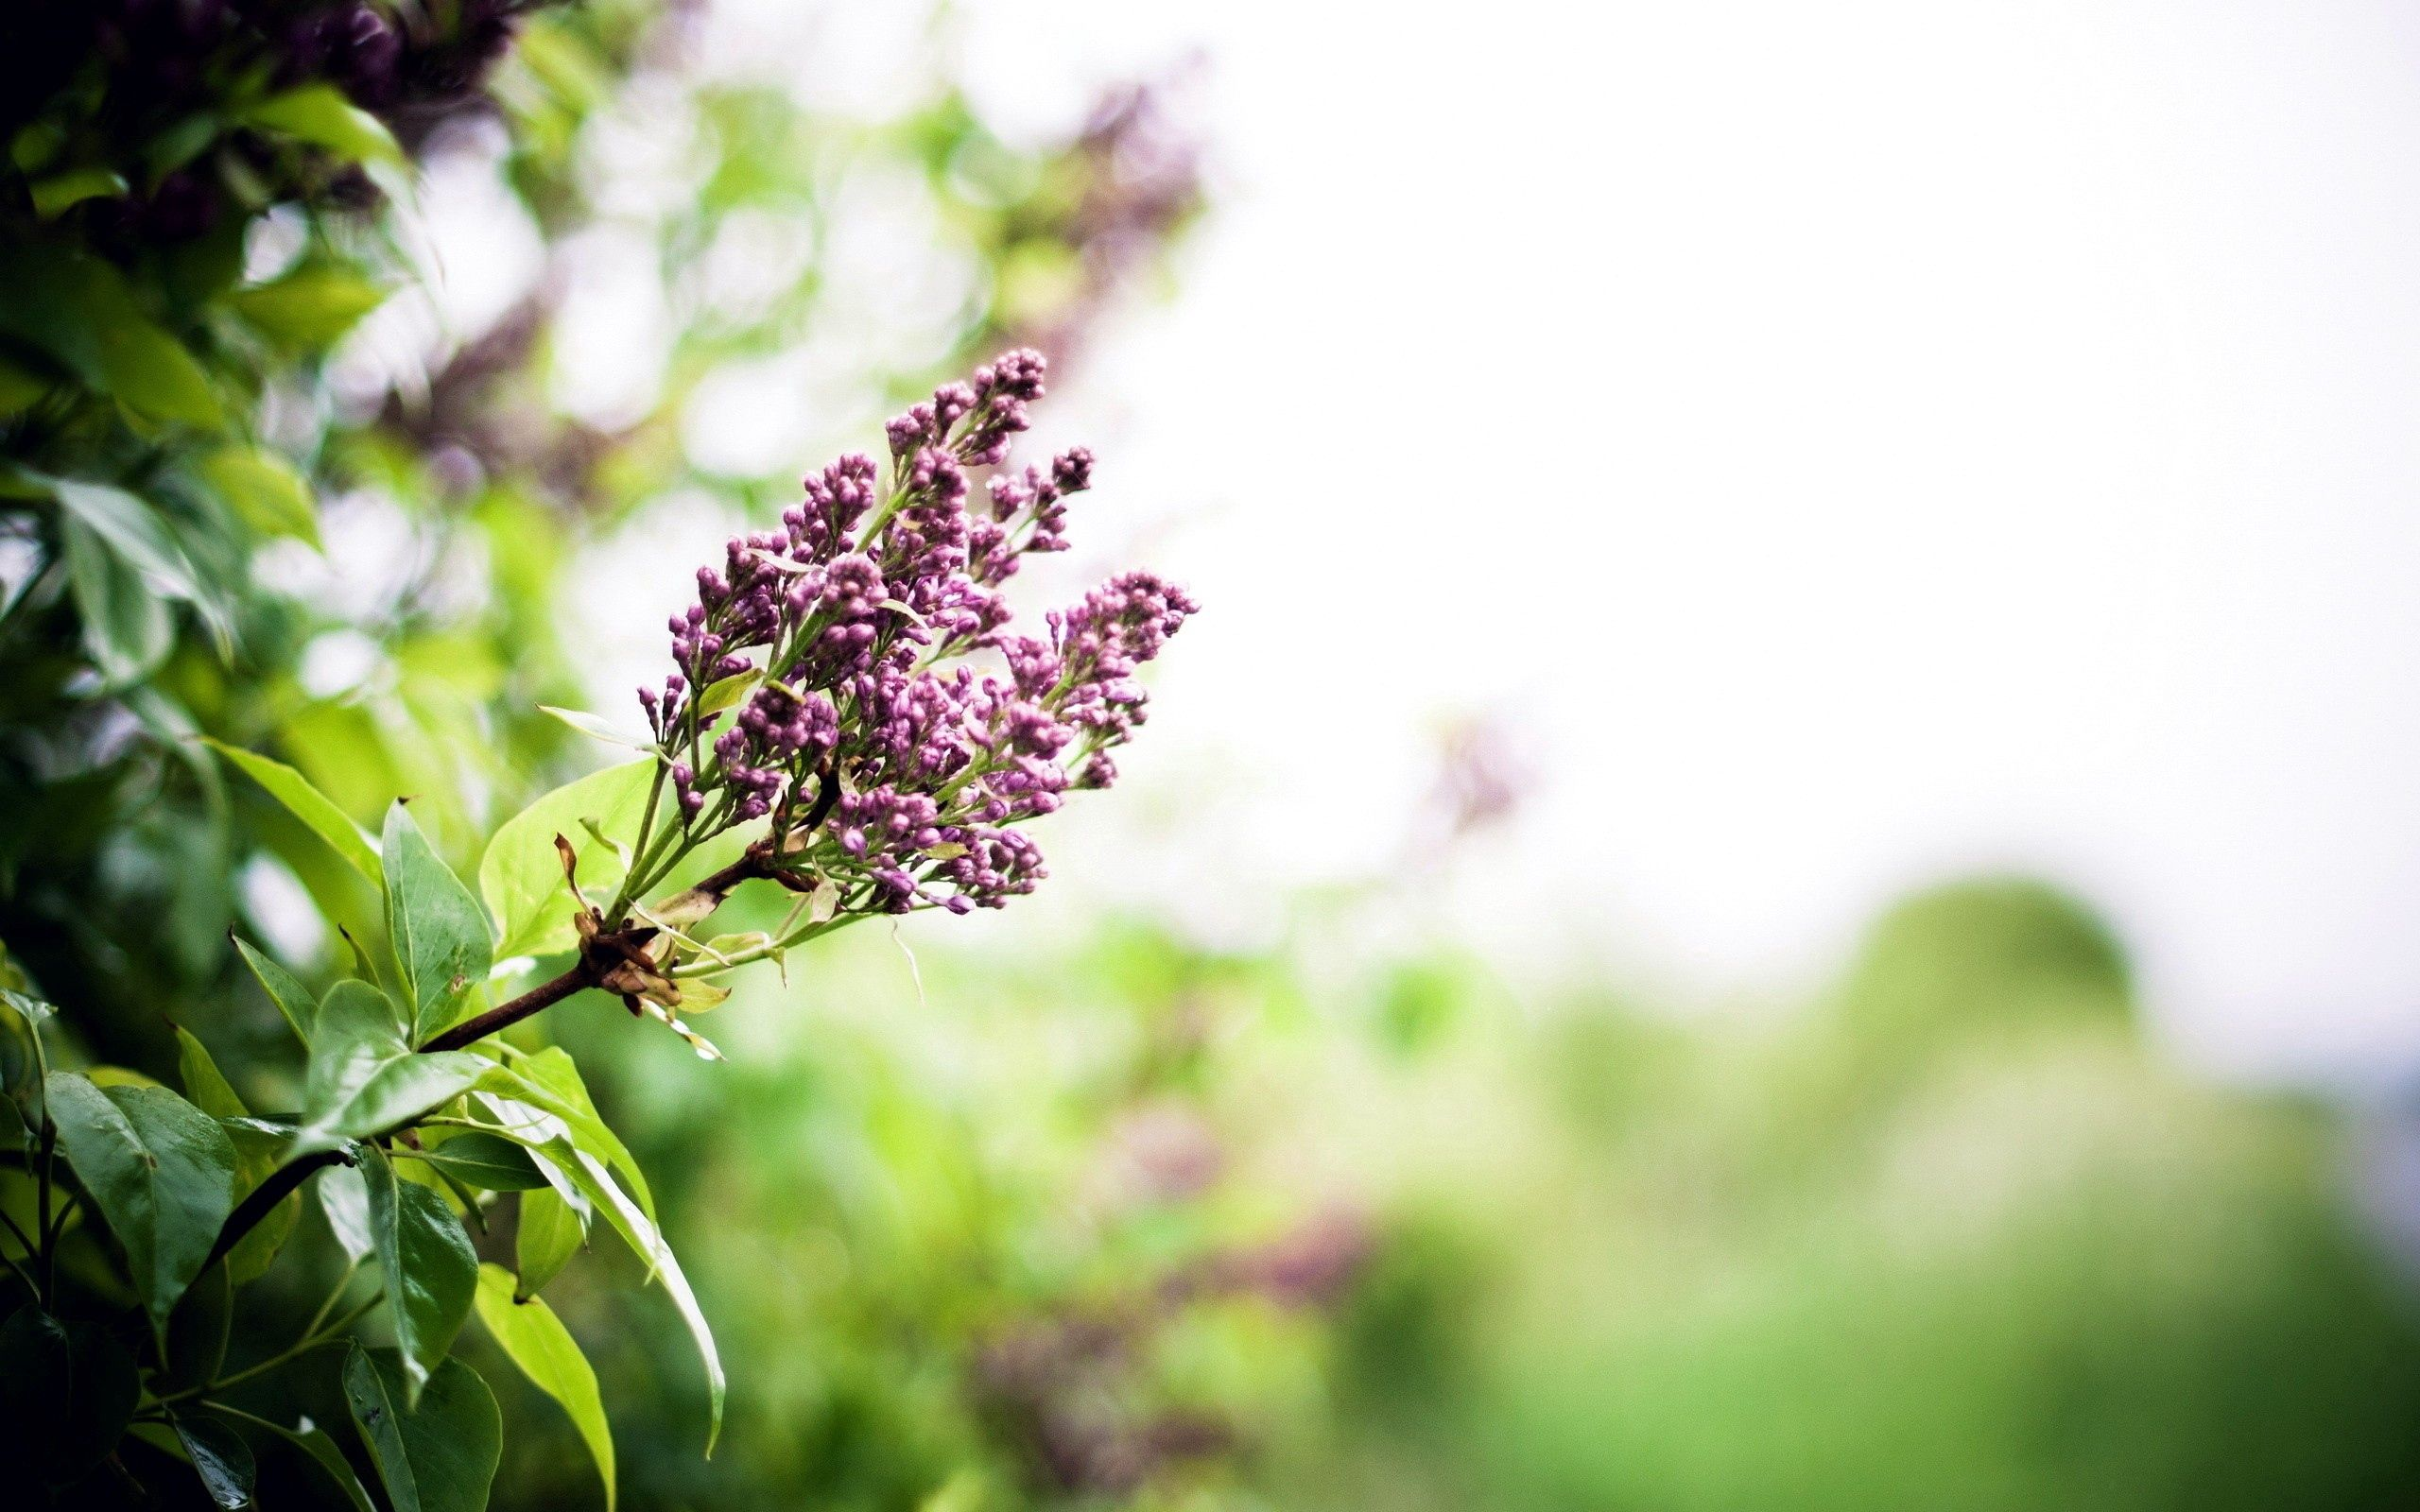 69165 Hintergrundbild herunterladen Blätter, Blumen, Pflanze, Makro - Bildschirmschoner und Bilder kostenlos